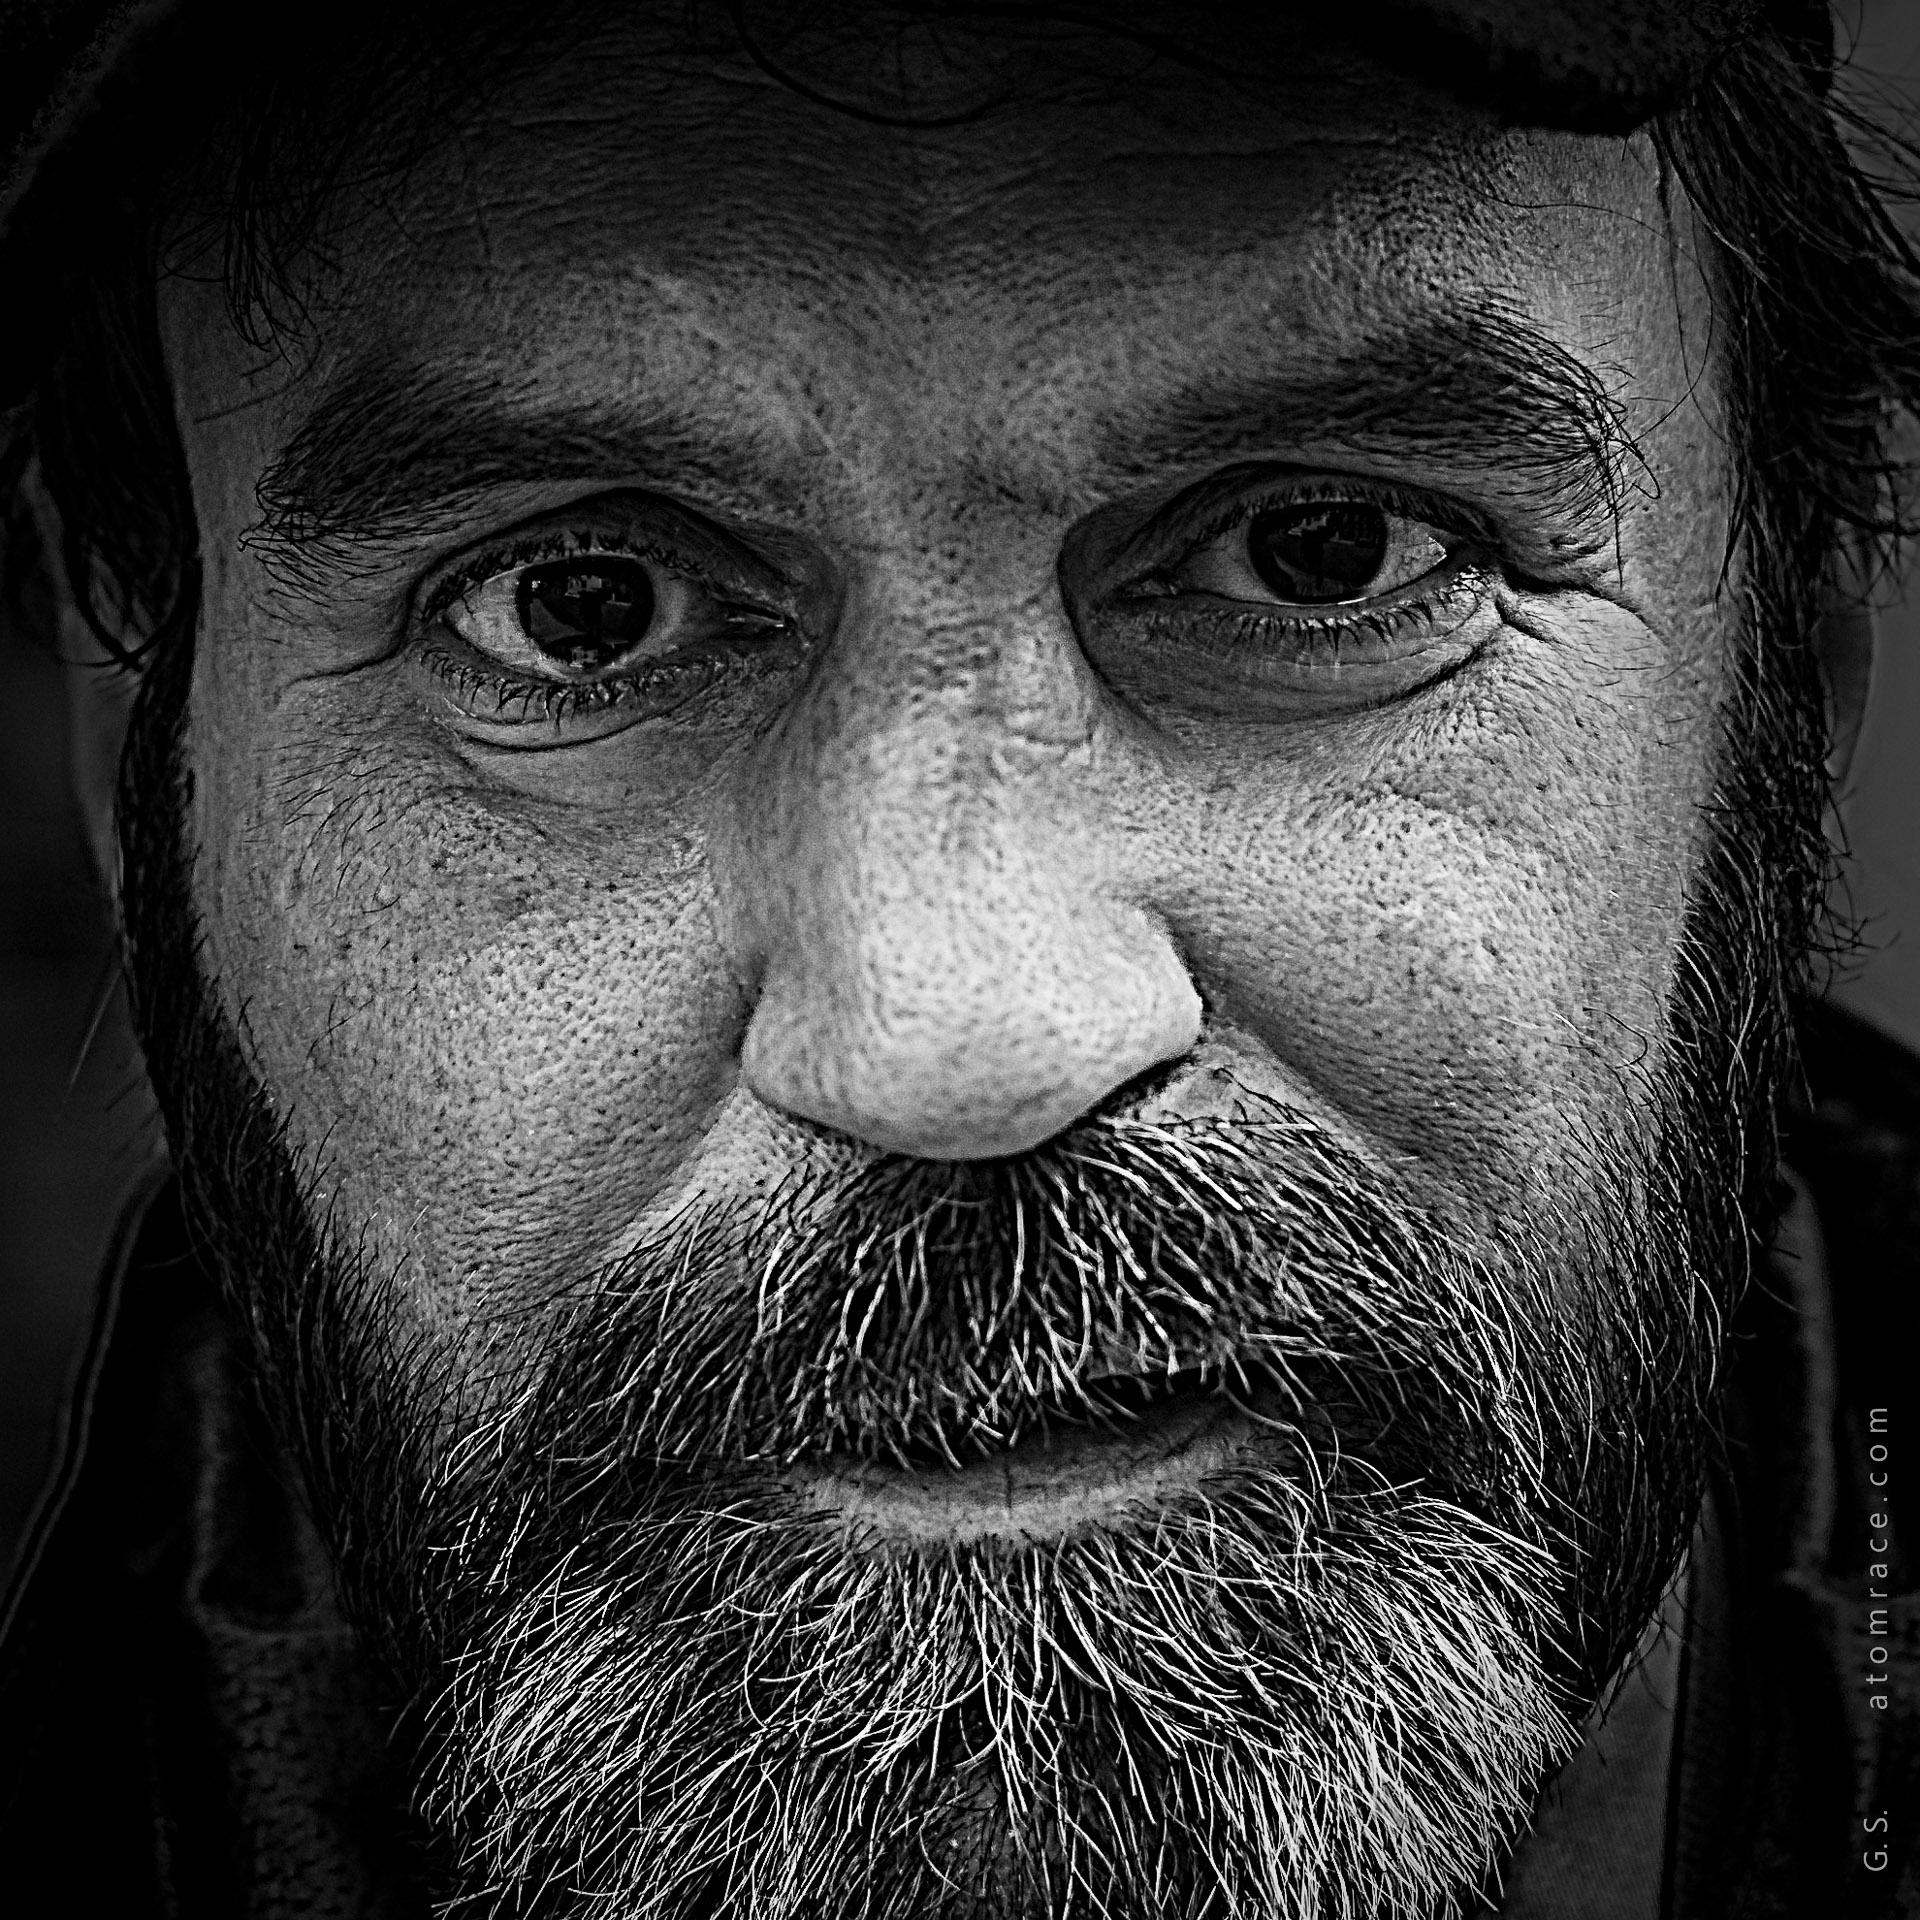 d u00e9fi photographique   5 jours de noir et blanc